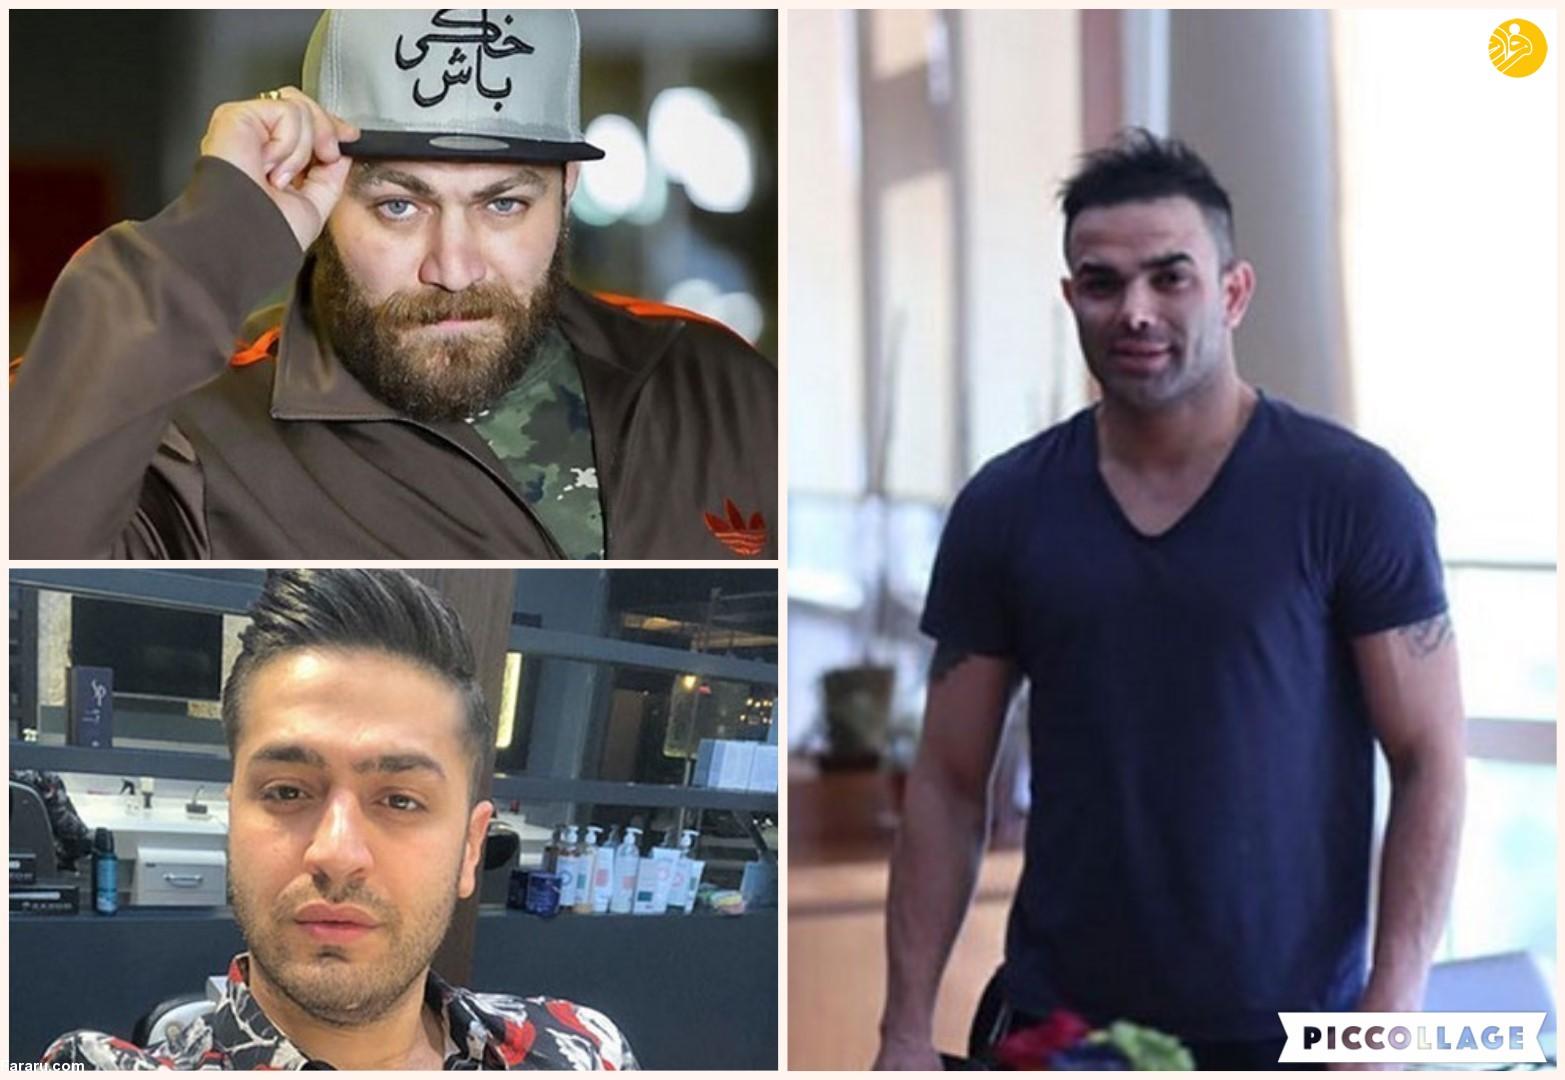 (فیلم و عکس) سریال ترکیه ایِ ایرانی؛ دعوا و رابطه، پویان مختاری، نیلی افشار، ریحانه پارسا، مهراد جم و دنیا جهانبخت